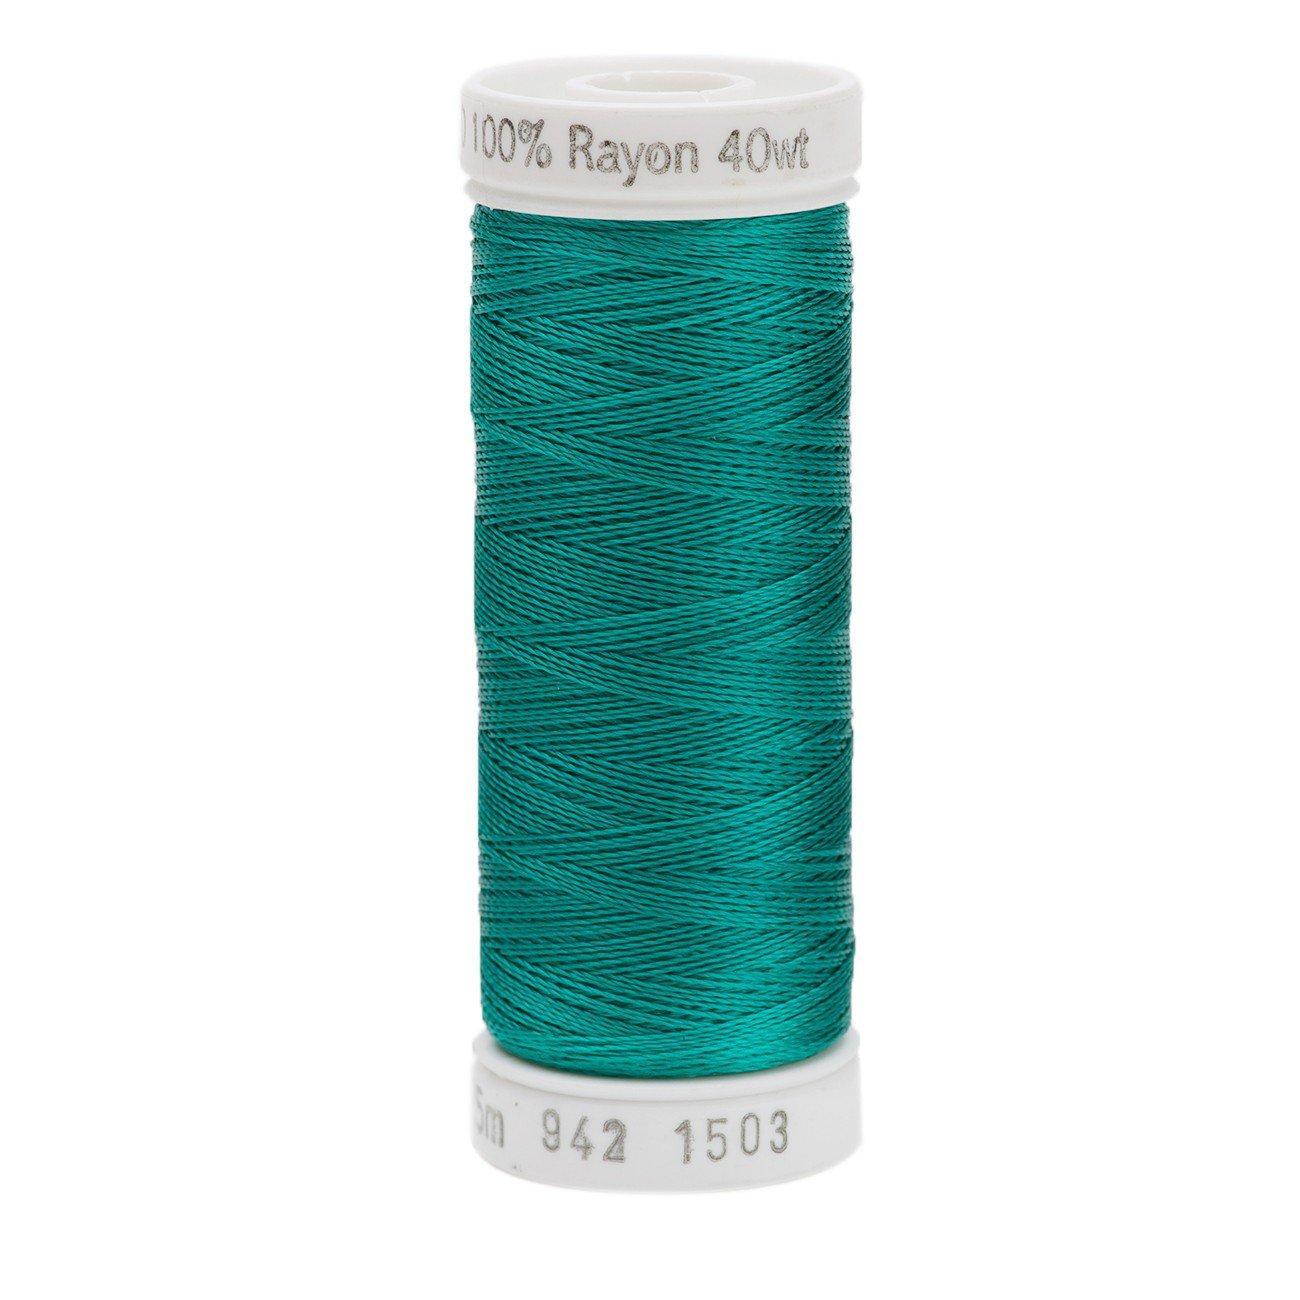 不機嫌そうなレーヨン糸 40 重量 250 ヤード グリーンの孔雀   B00114OR2Q